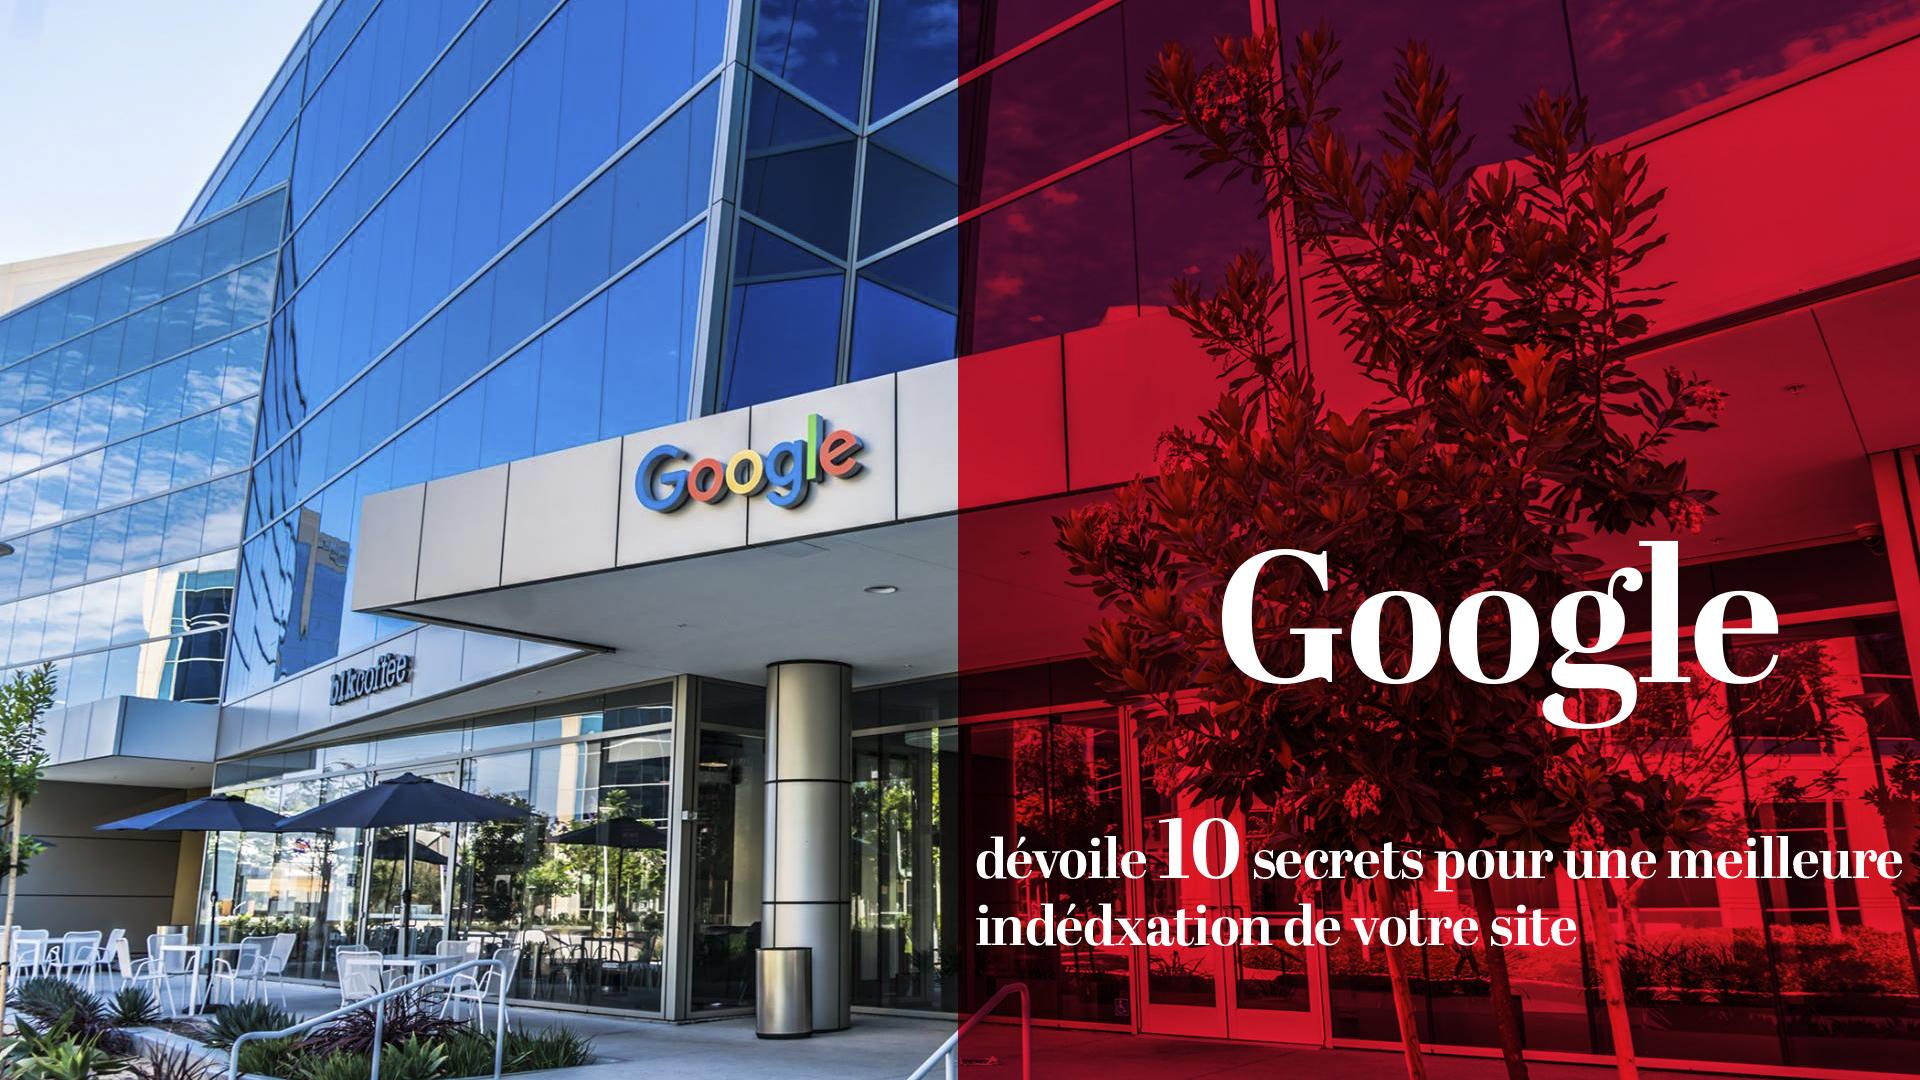 Google dévoile 10 secrets pour une meilleure indexation de votre site !